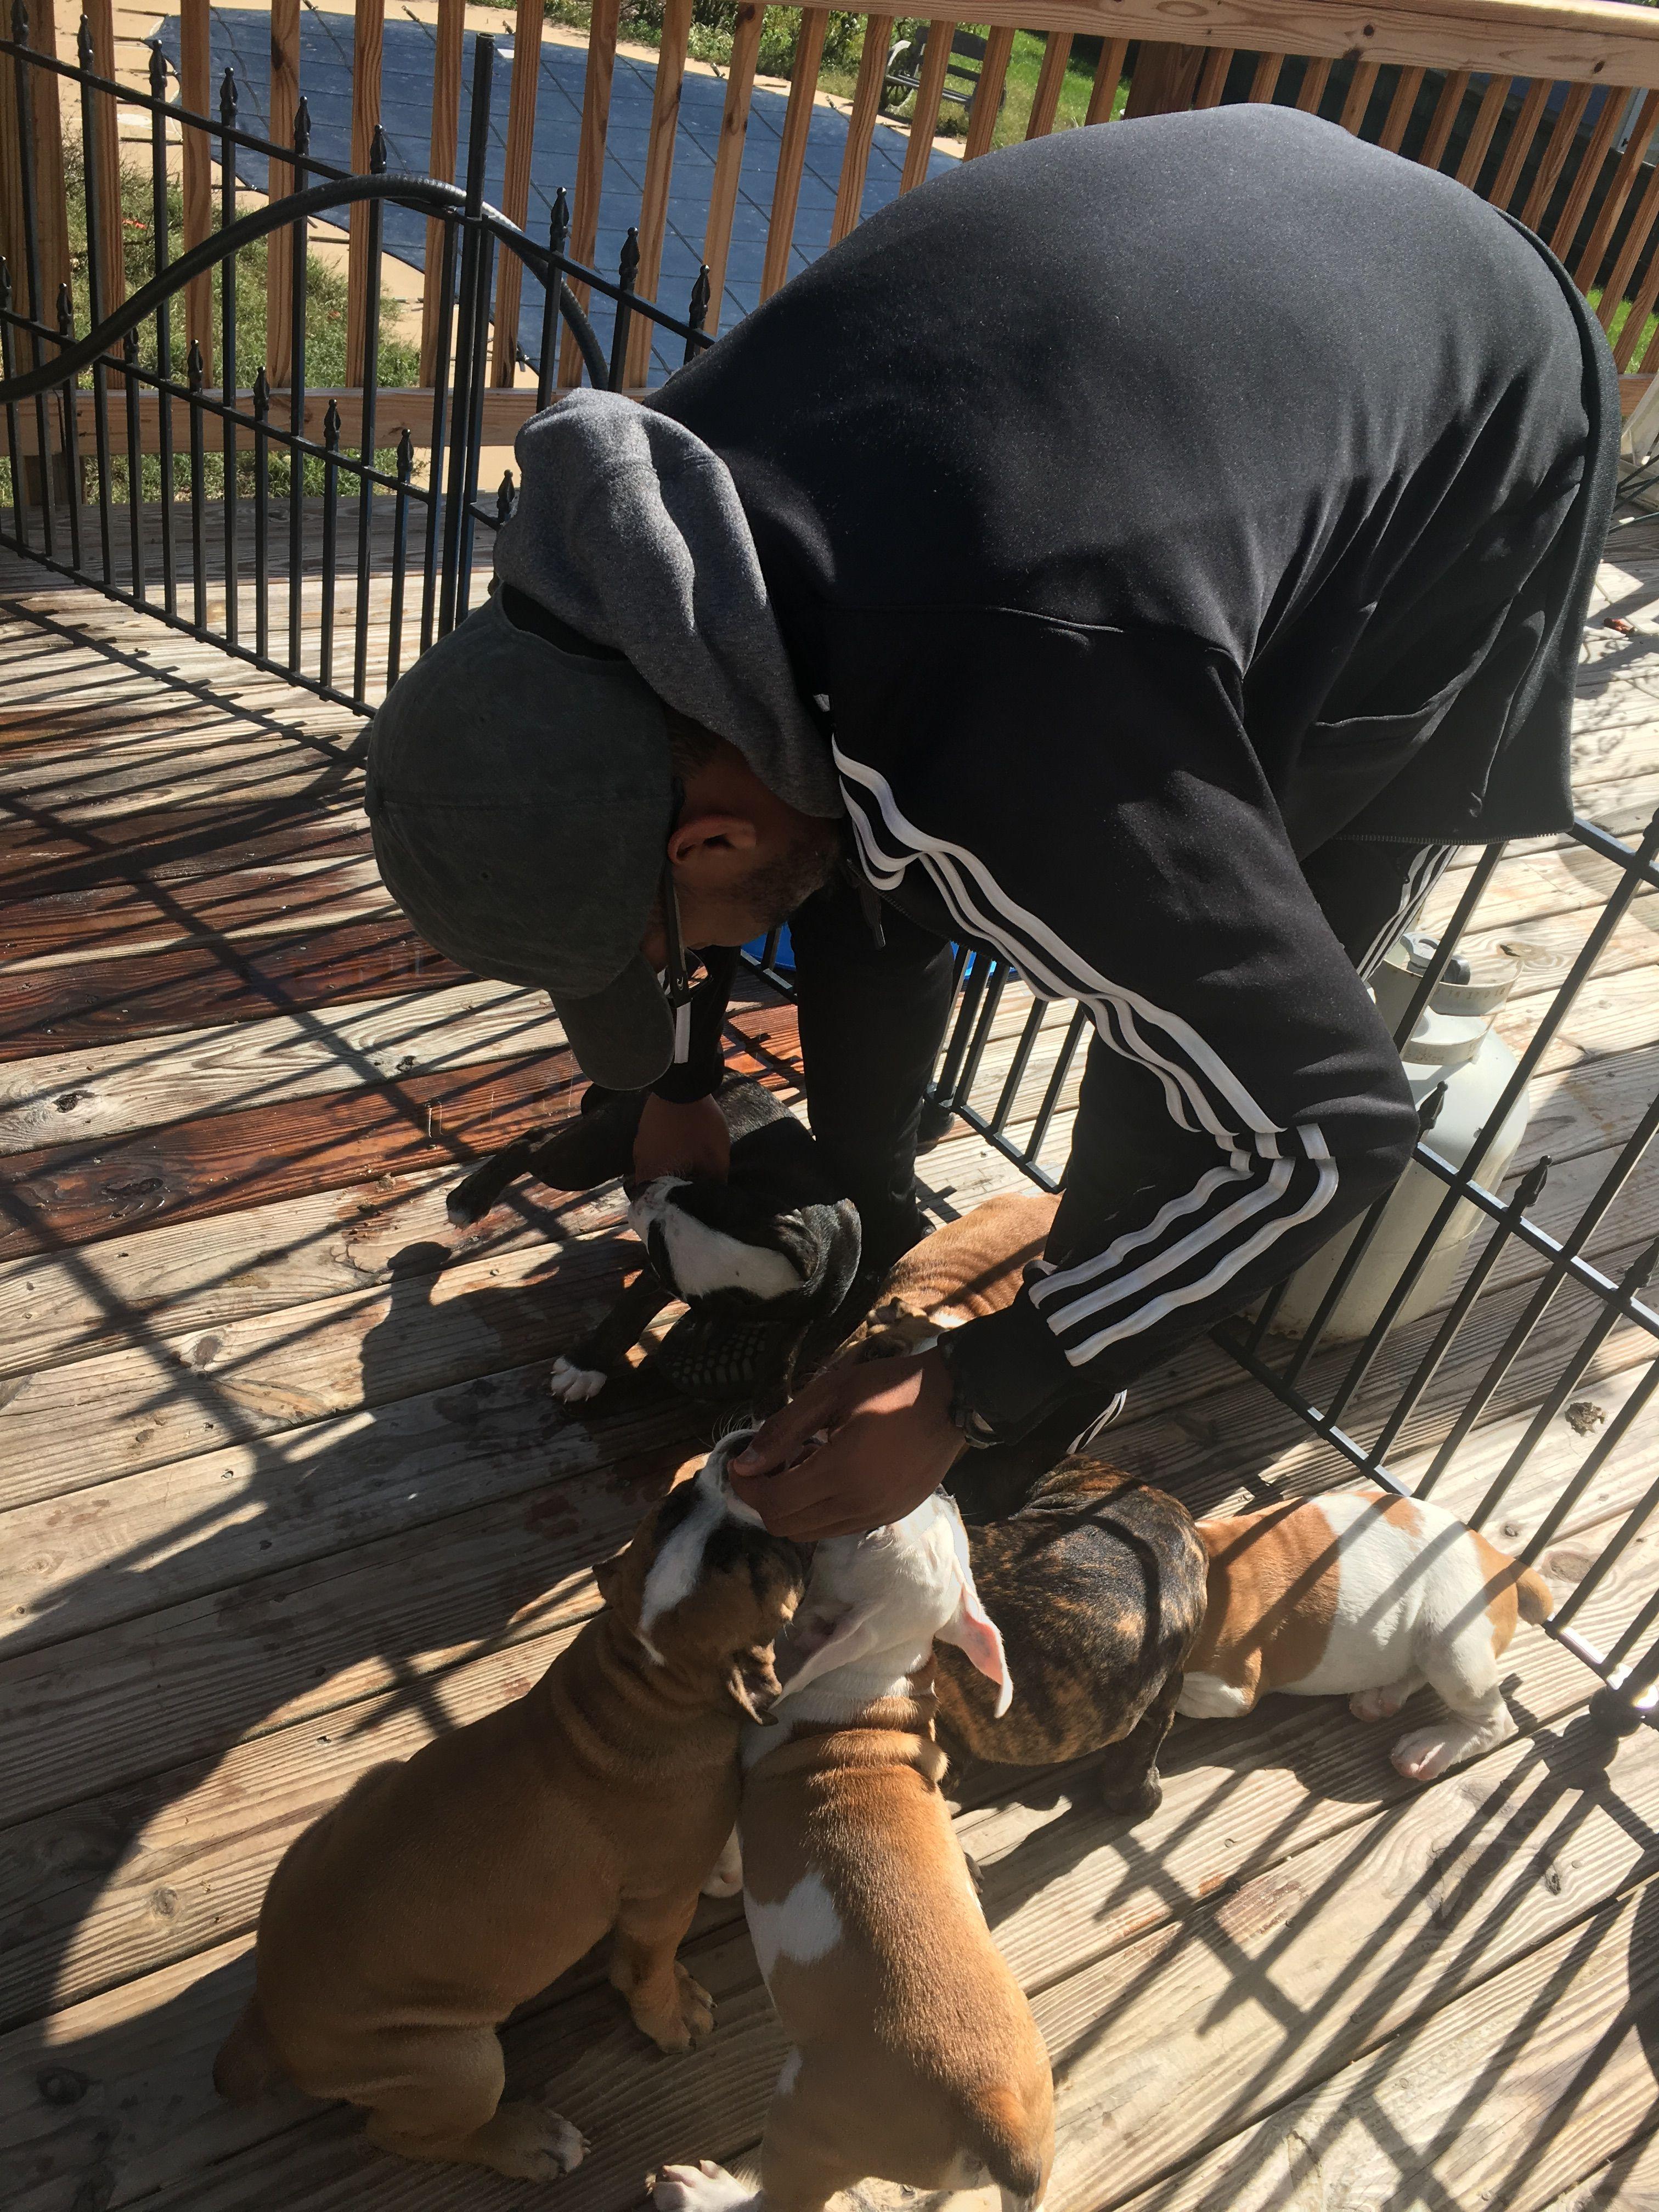 Puppies For Sale In Woodbridge Va Puppies For Sale Puppies